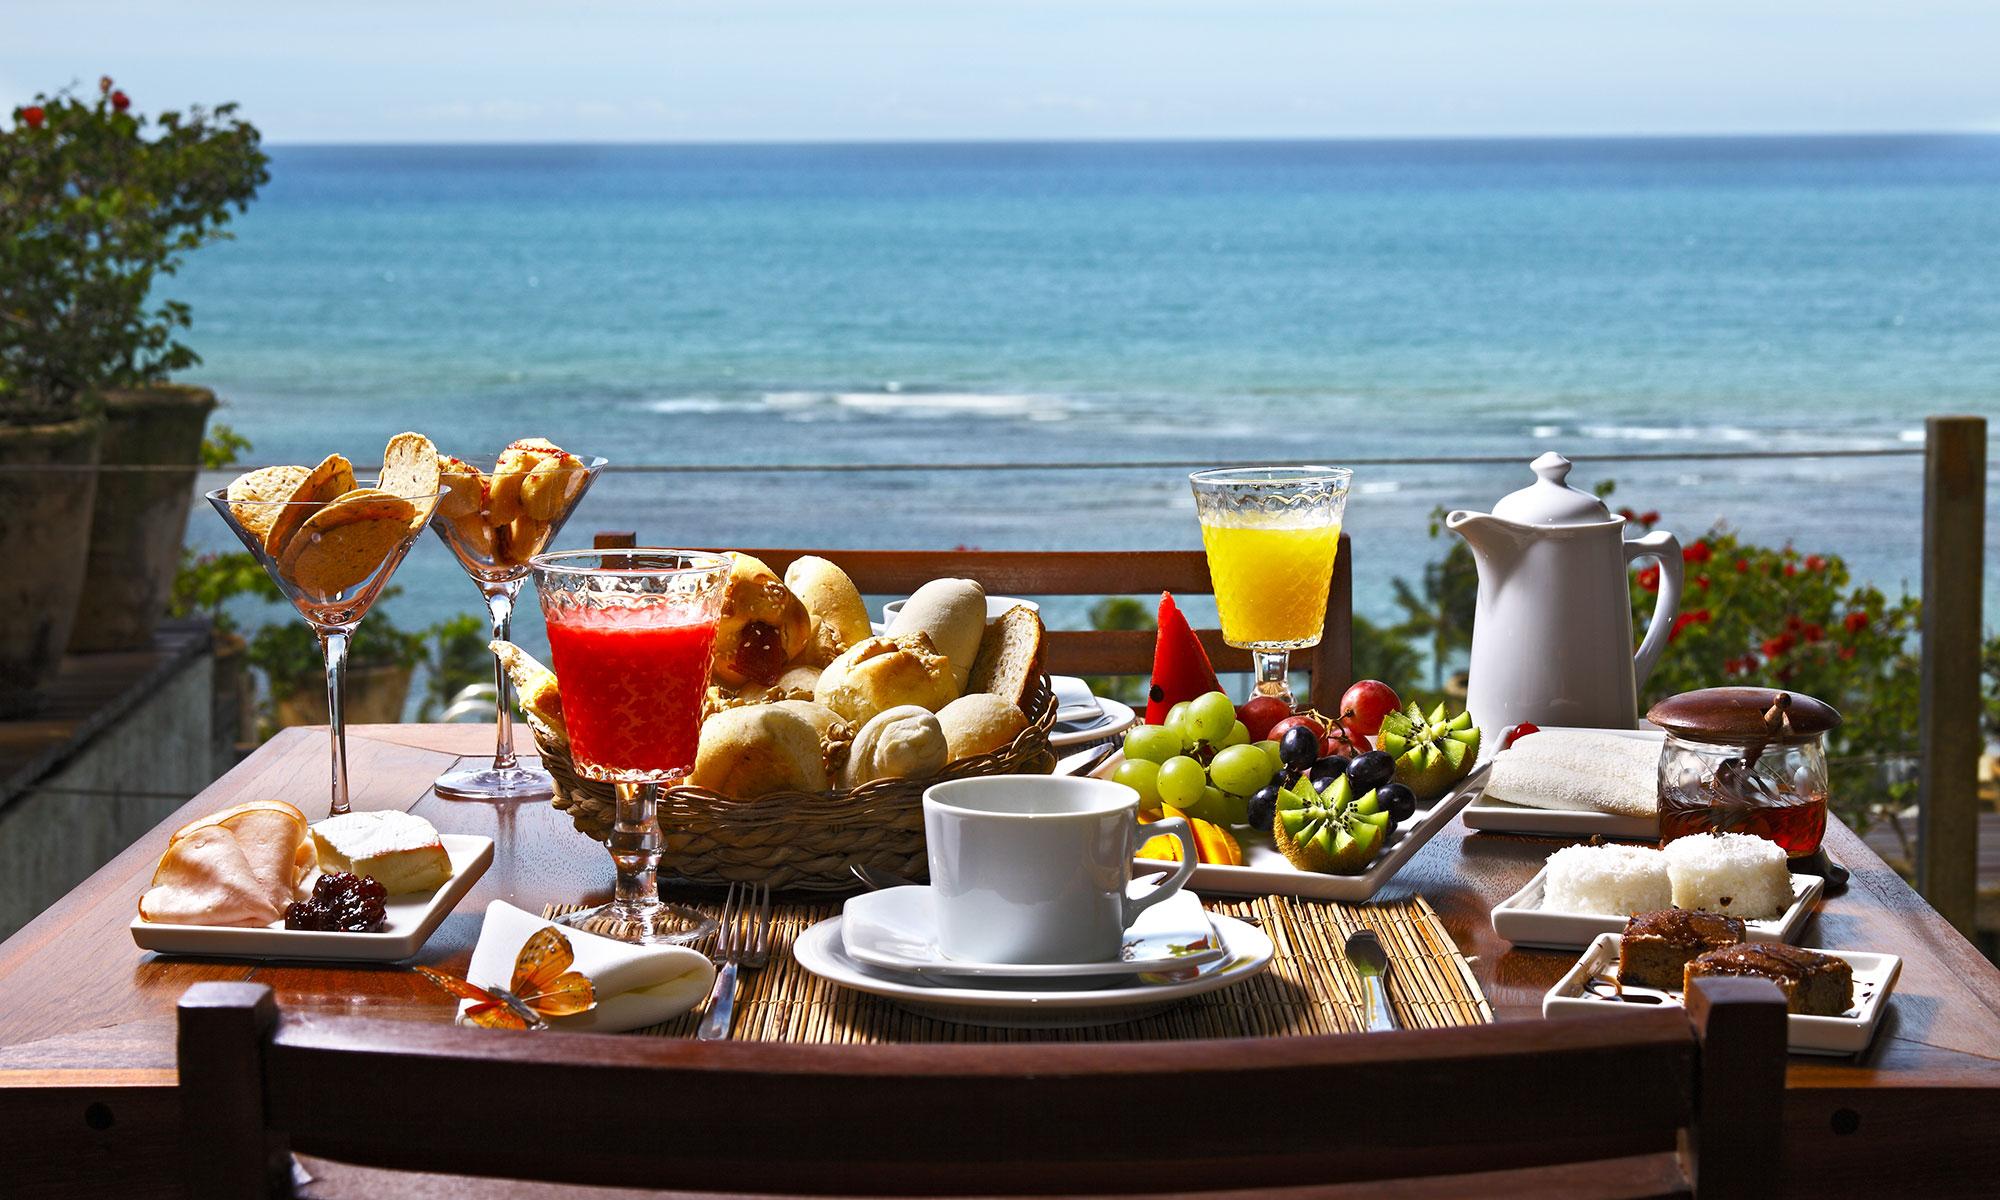 ホテルで遅い朝食を